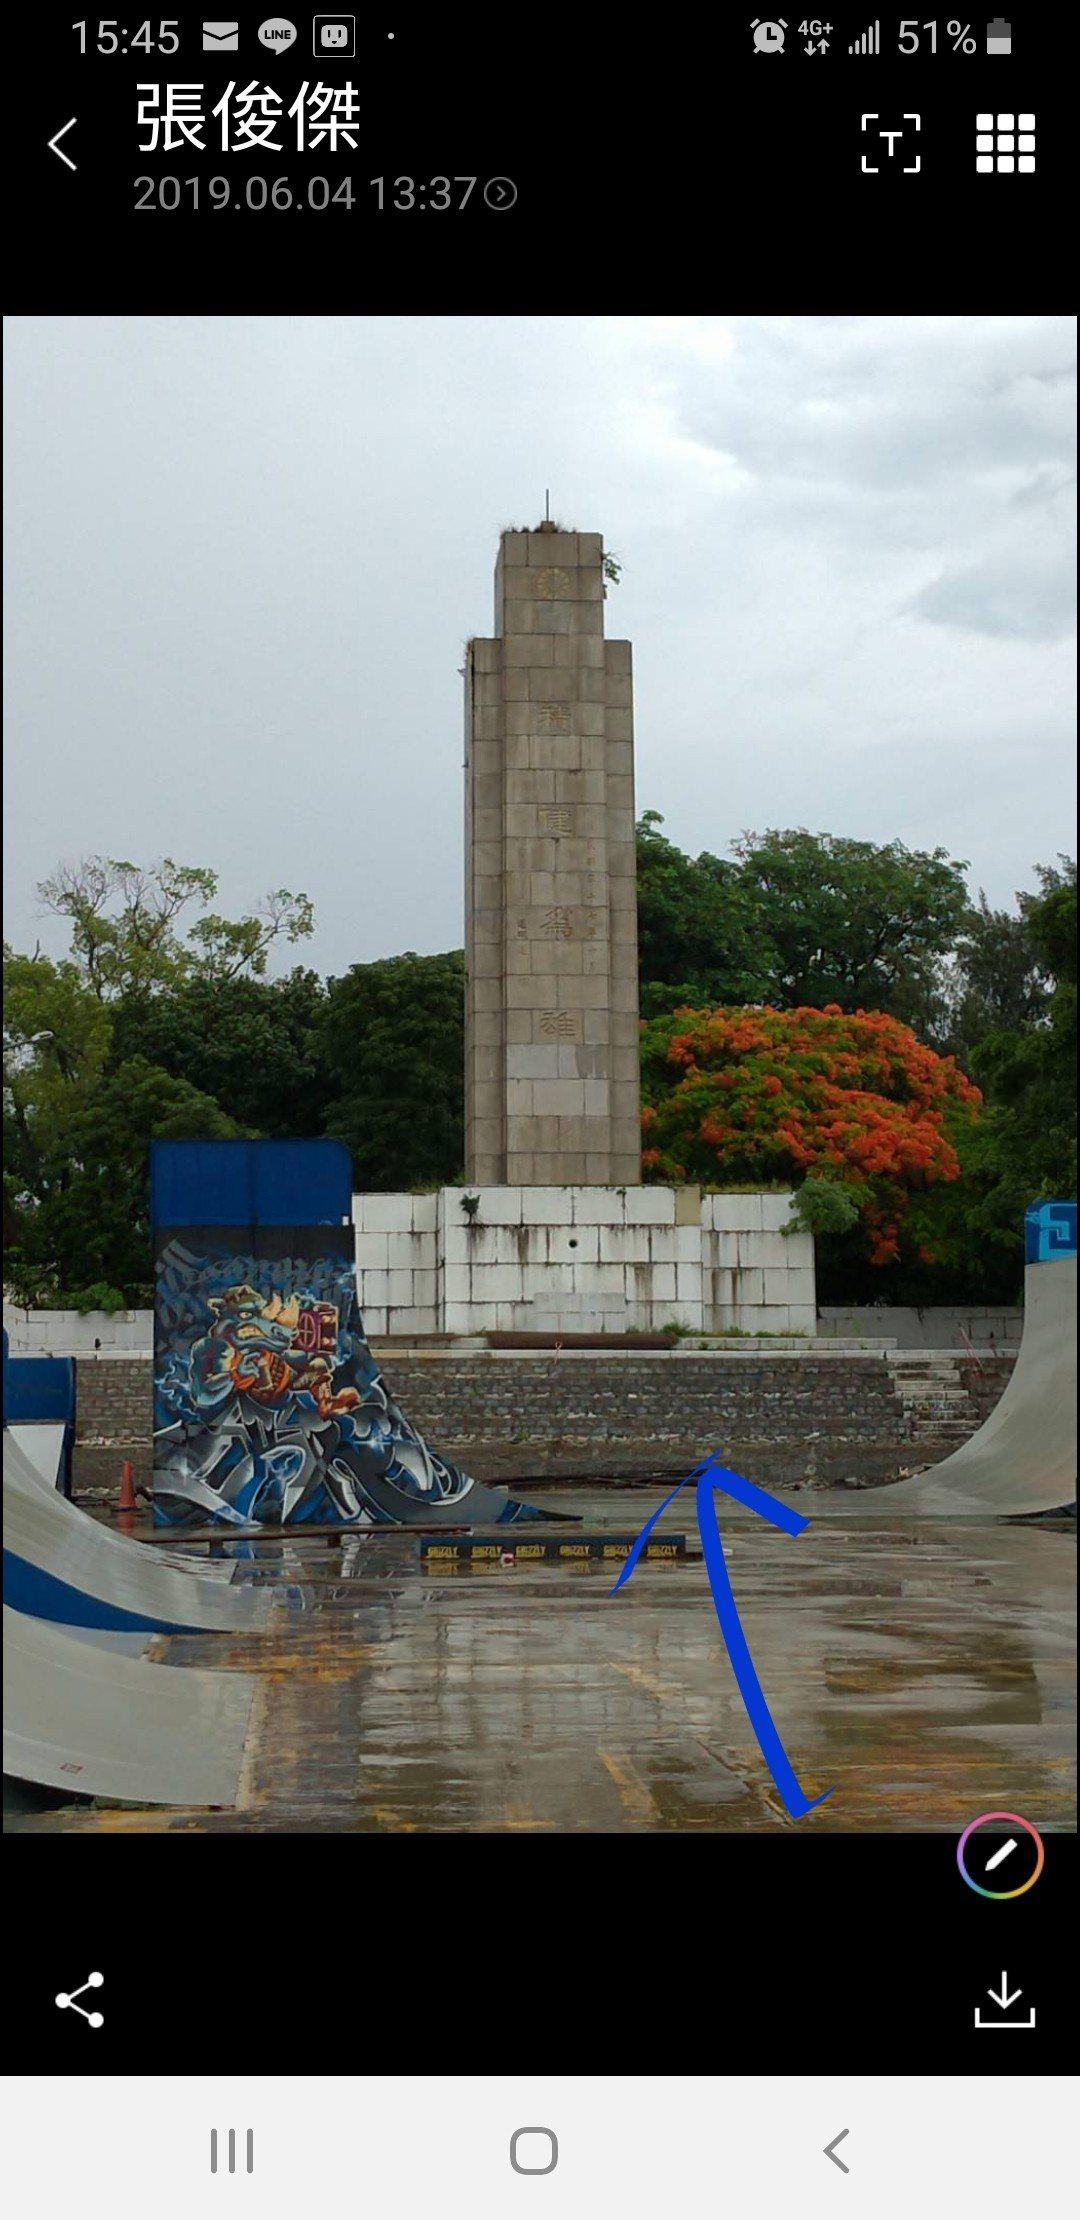 台南日治時期忠靈塔居然要拆了? 市府:只拆樓梯